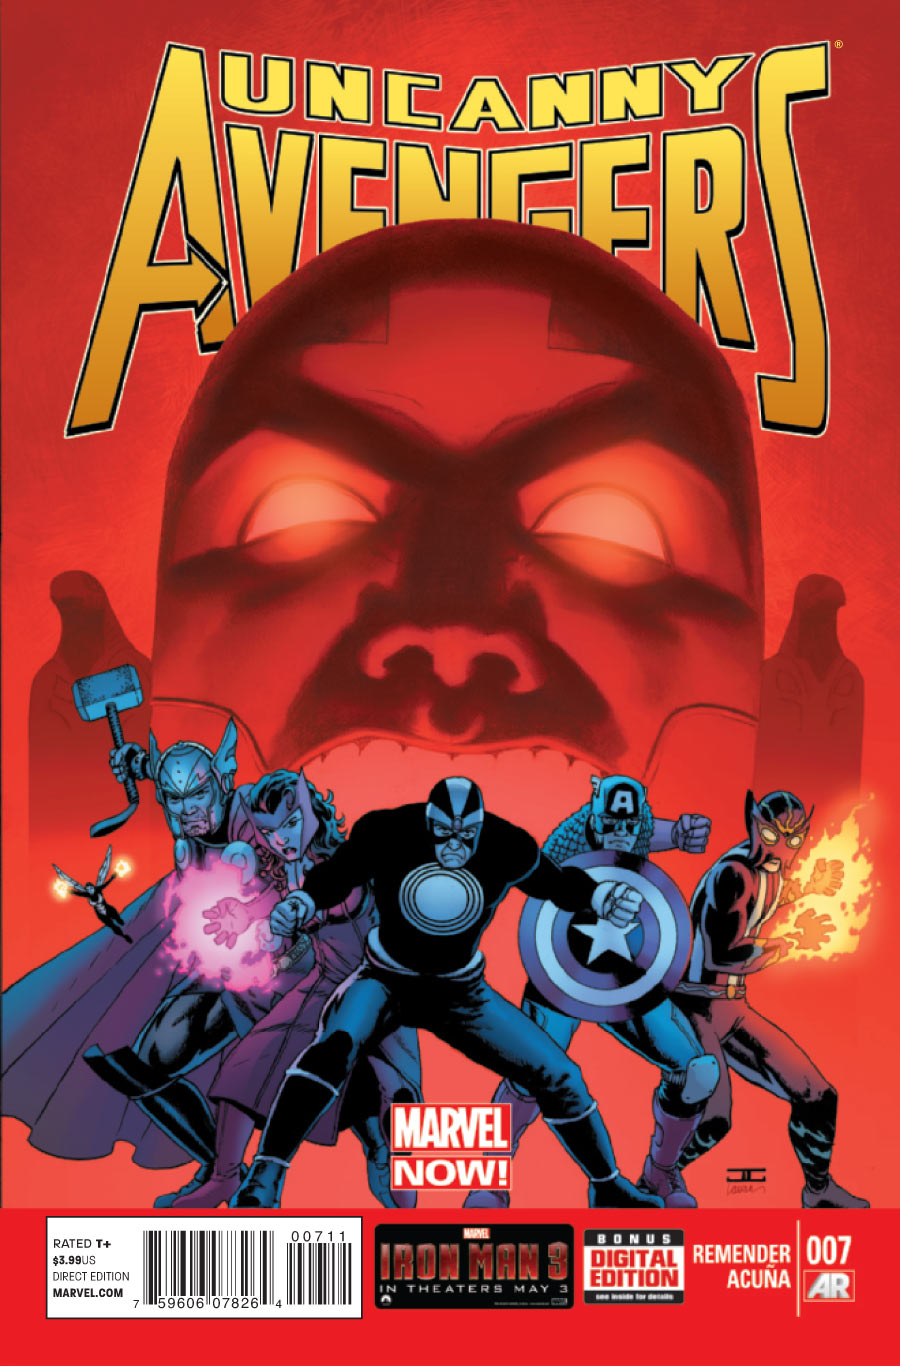 Marvel's Uncanny Avenger's #6